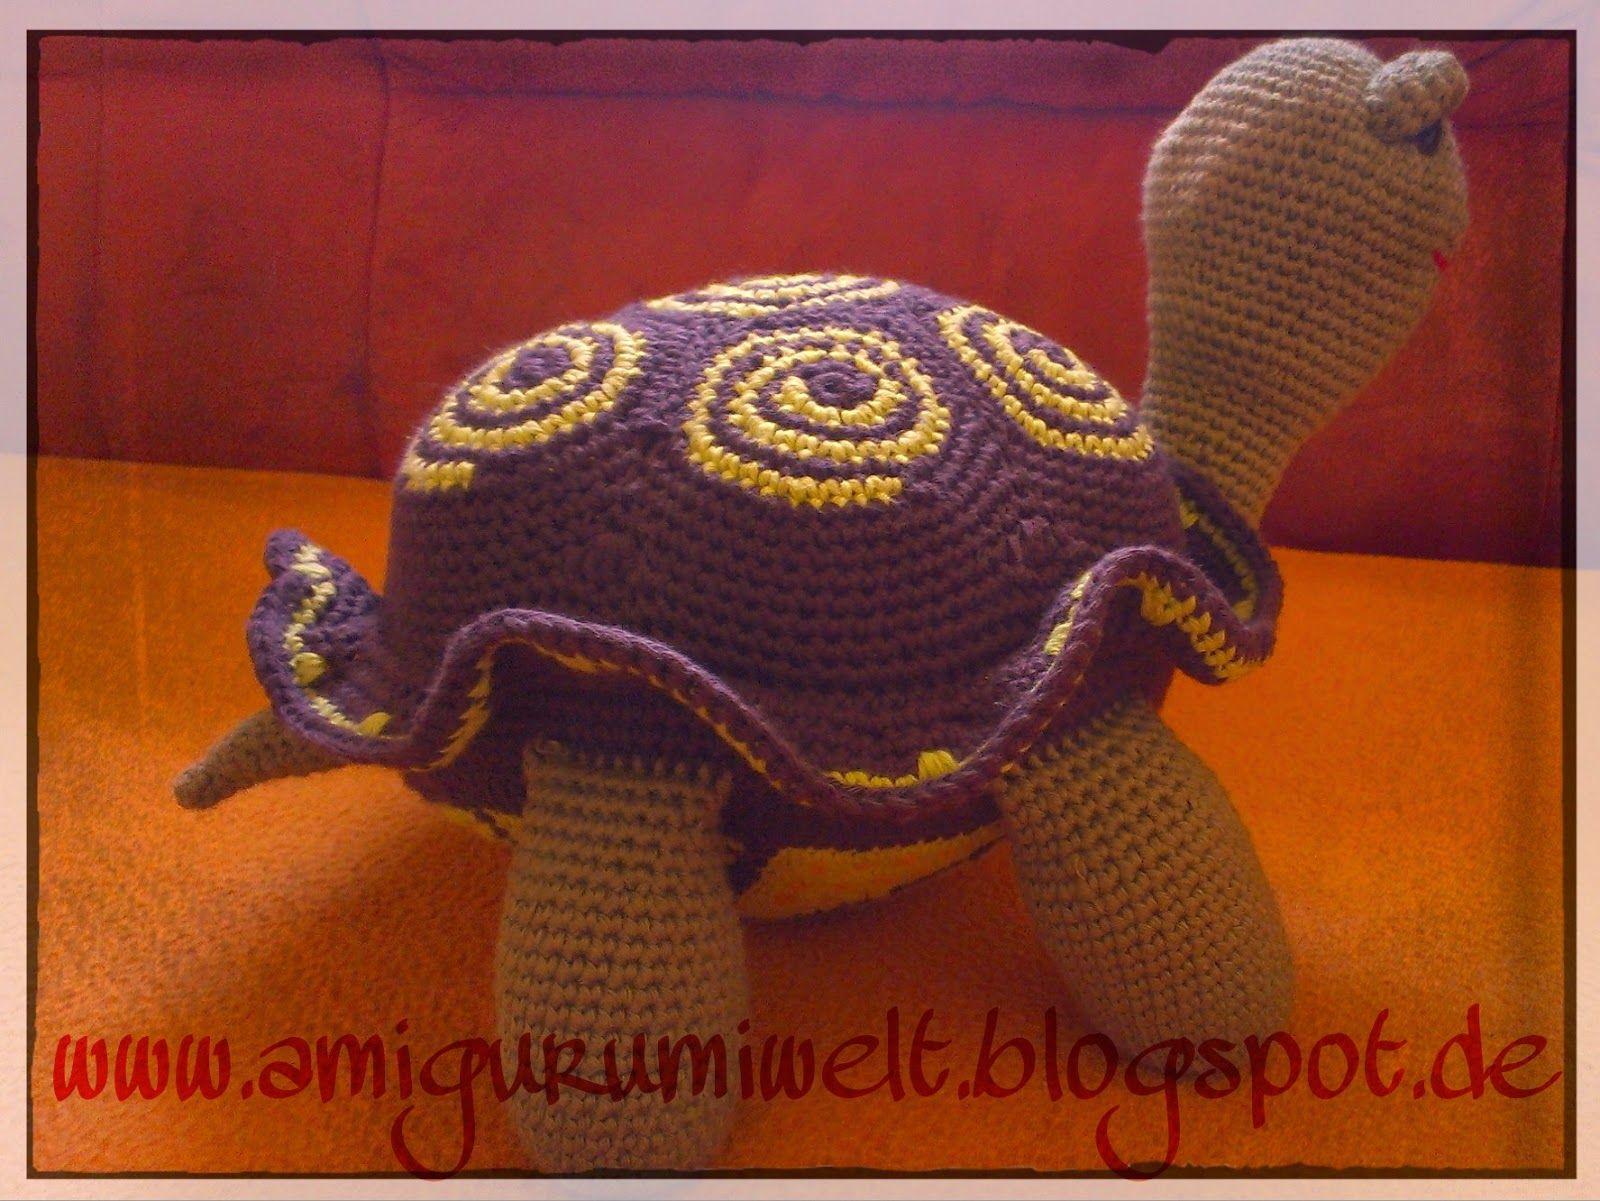 amigurumi häkeln crochet schildkröte übersetzung turtle groß ...